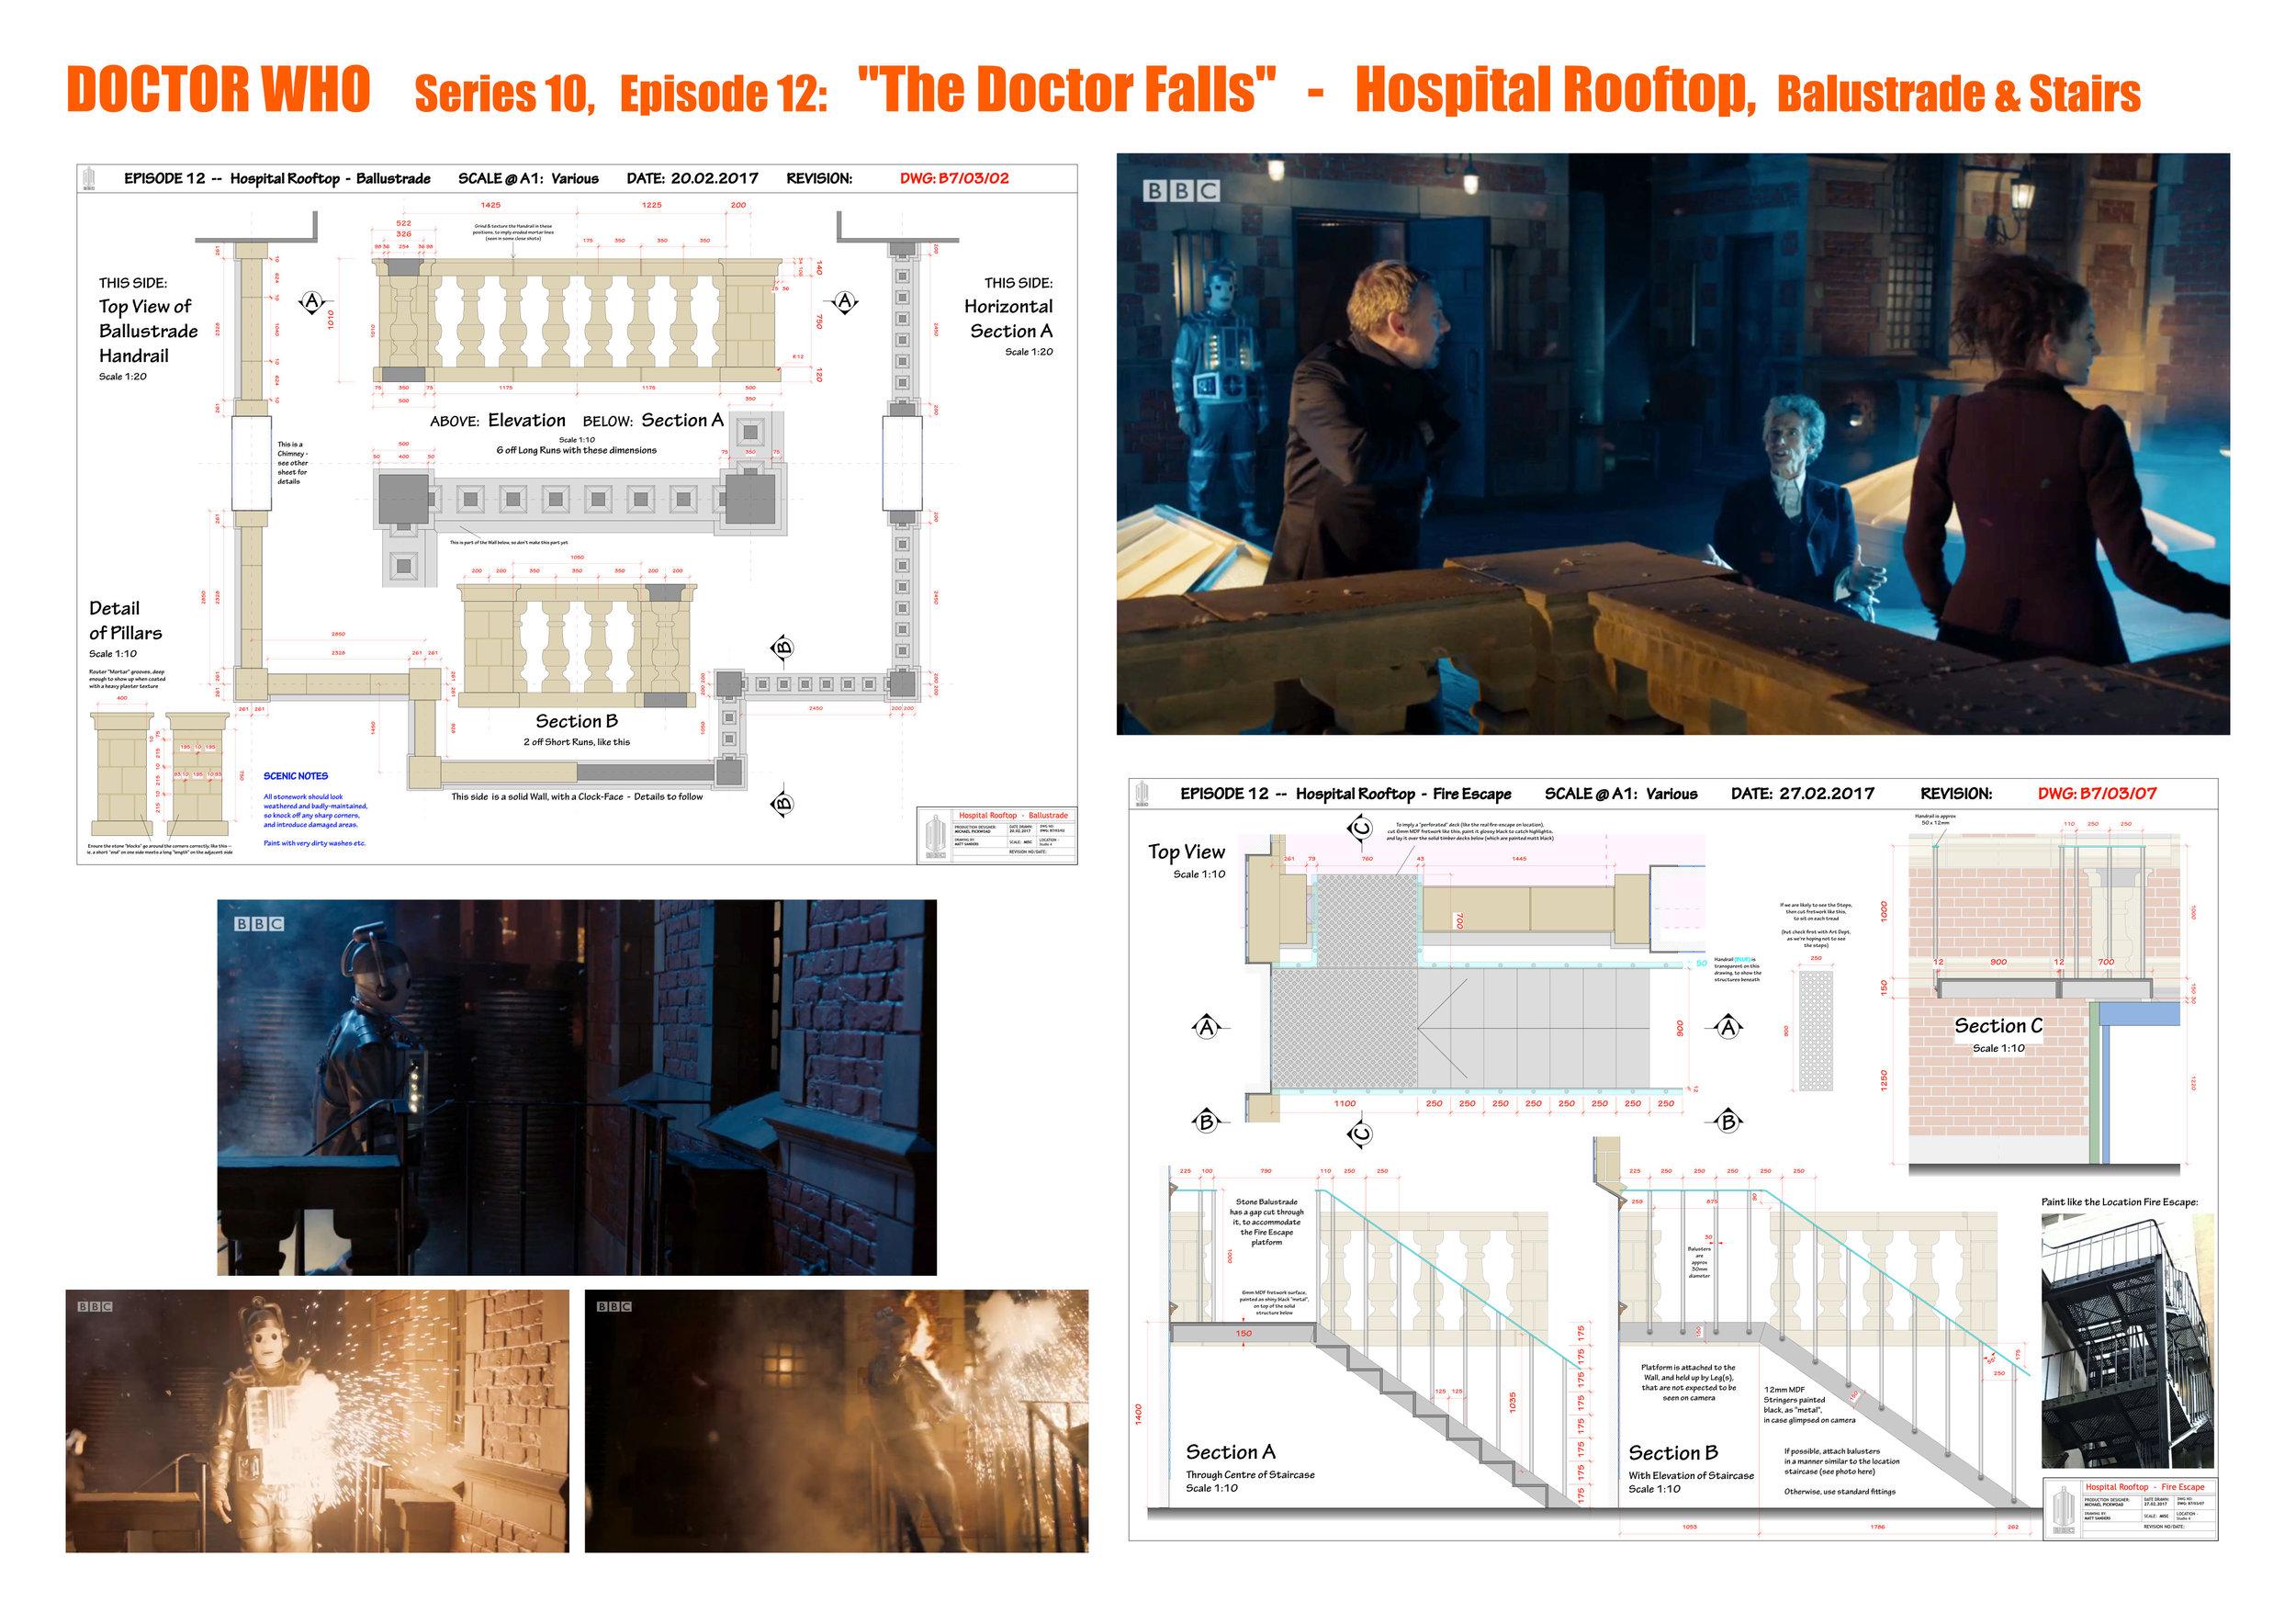 Ep 12 - The Doctor Falls - Hospital Balustrade.jpg